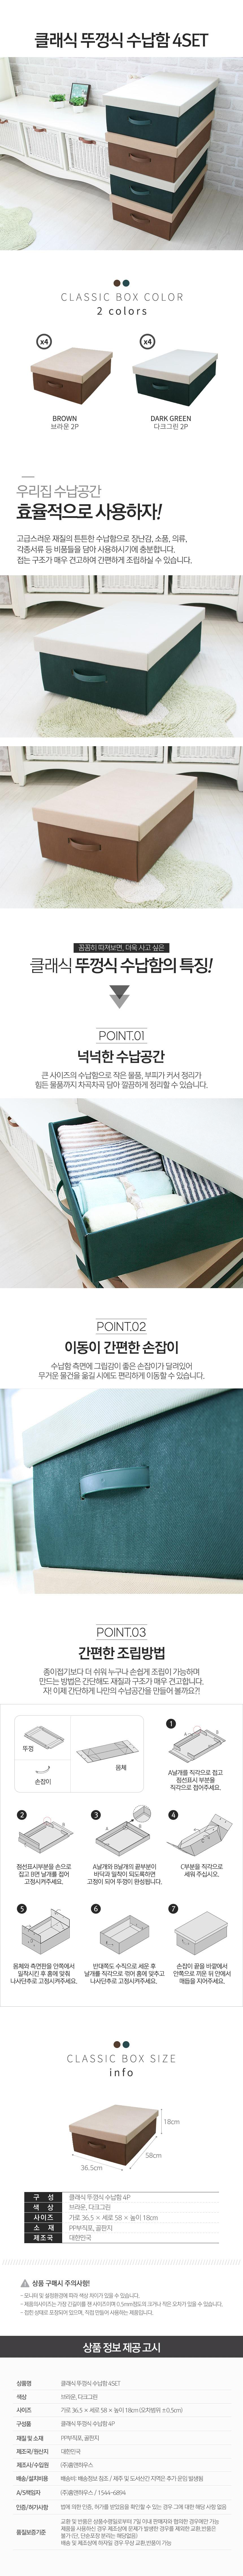 클래식 뚜껑식수납함 4Set - 홈앤하우스, 29,000원, 정리/리빙박스, 부직포 리빙박스